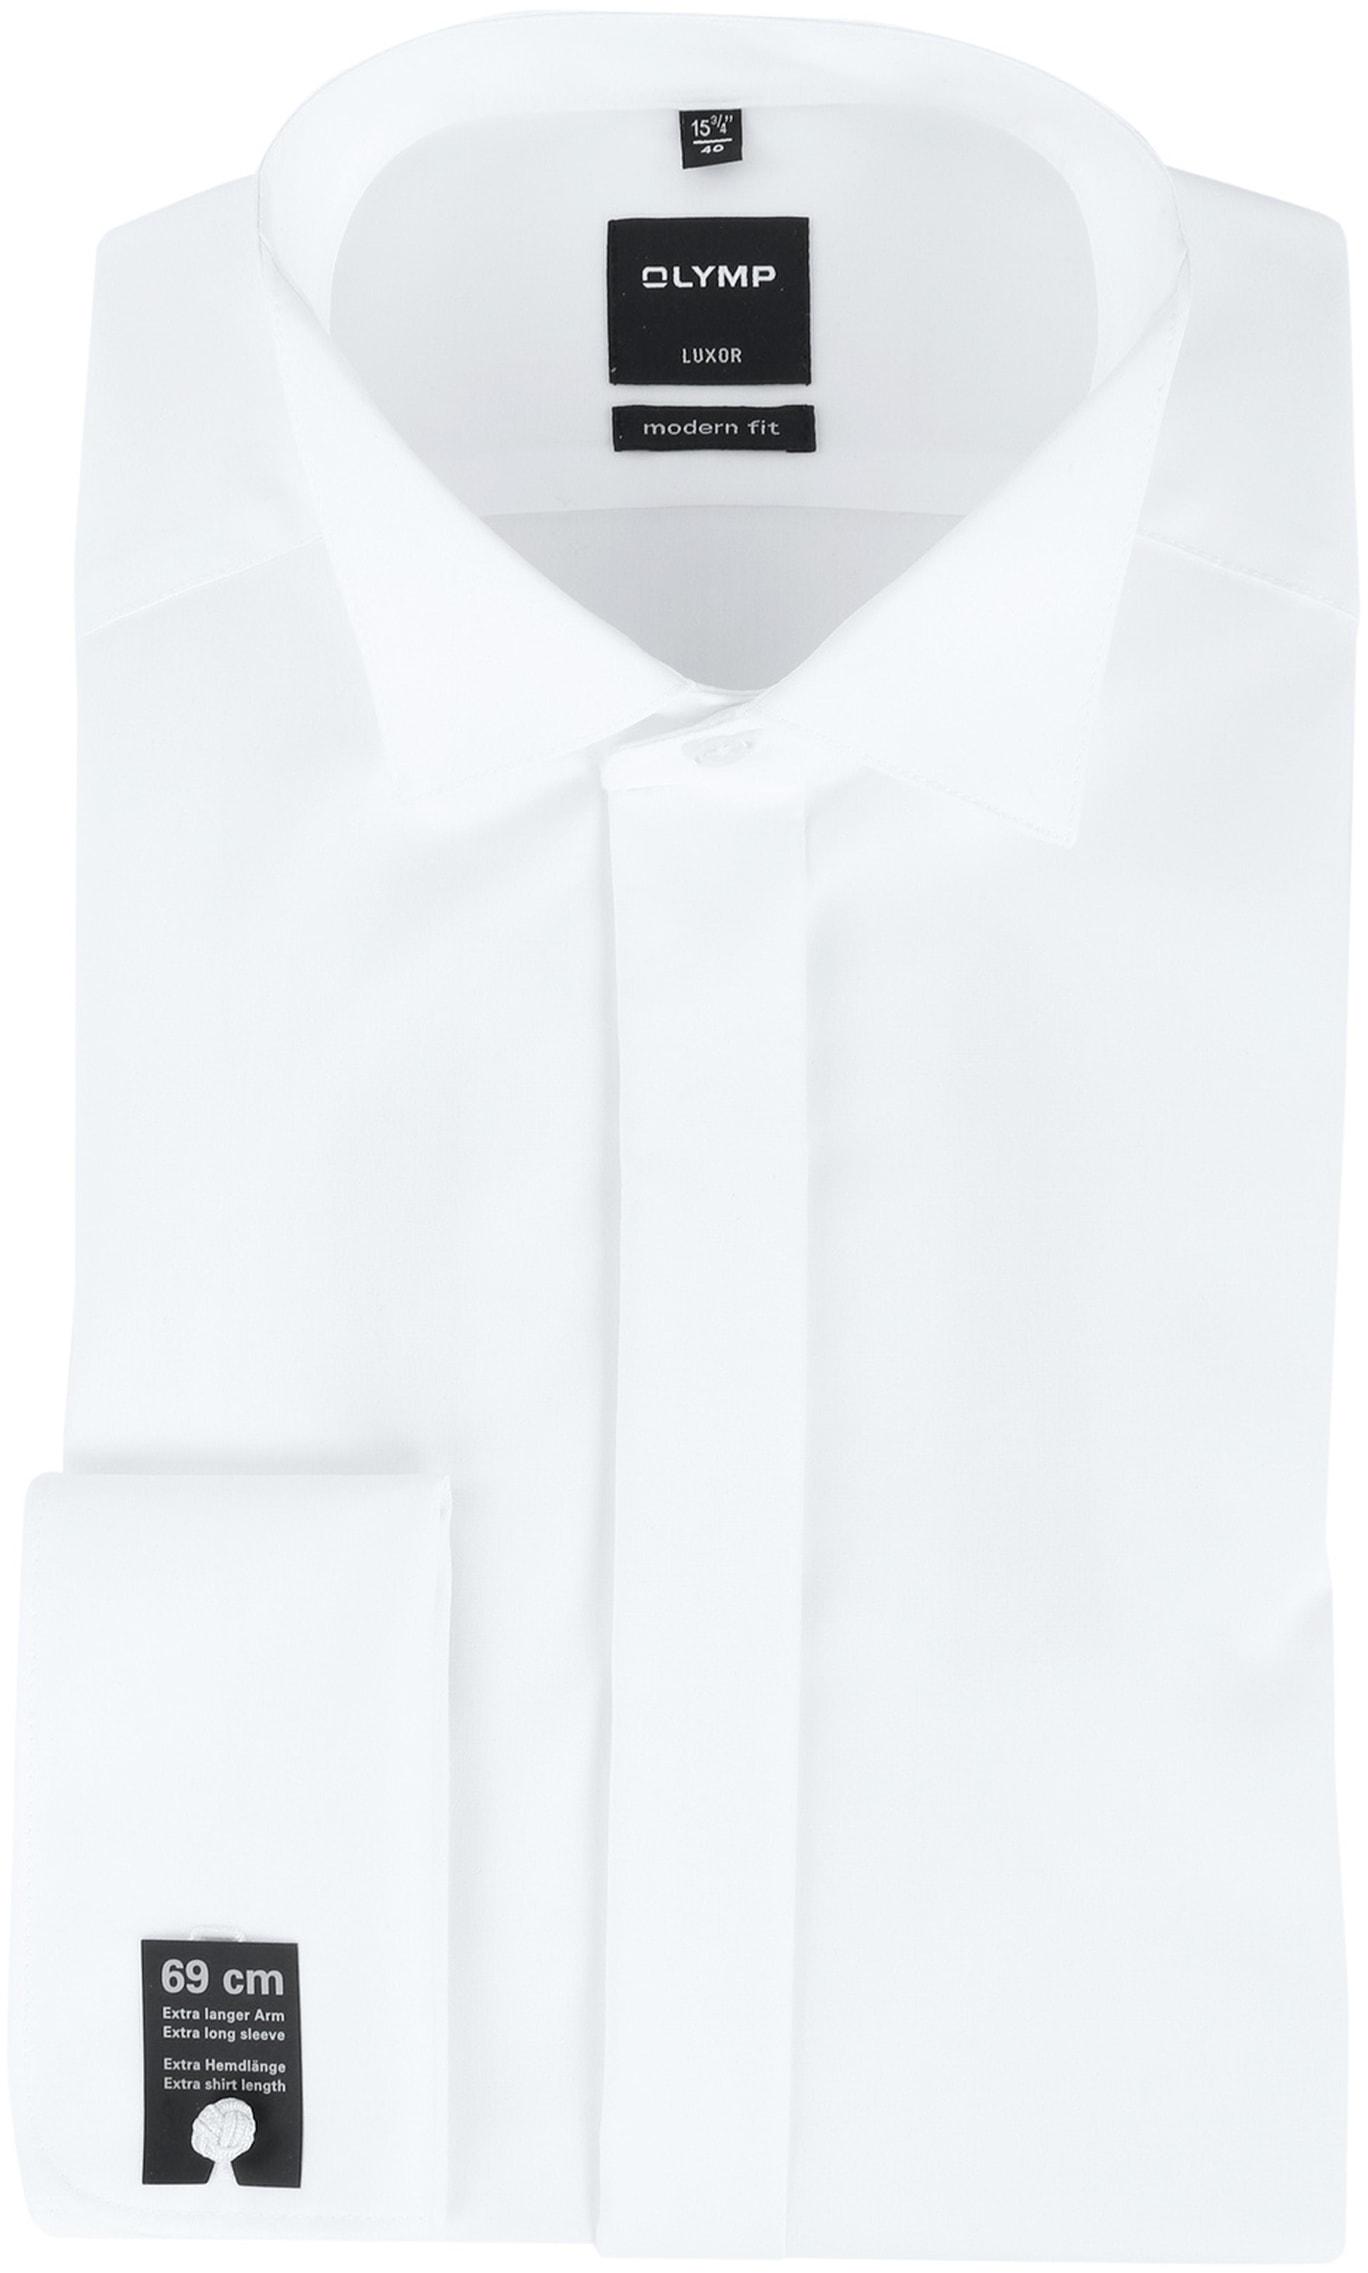 OLYMP Luxor MF Tuxedo Shirt SL7 foto 0